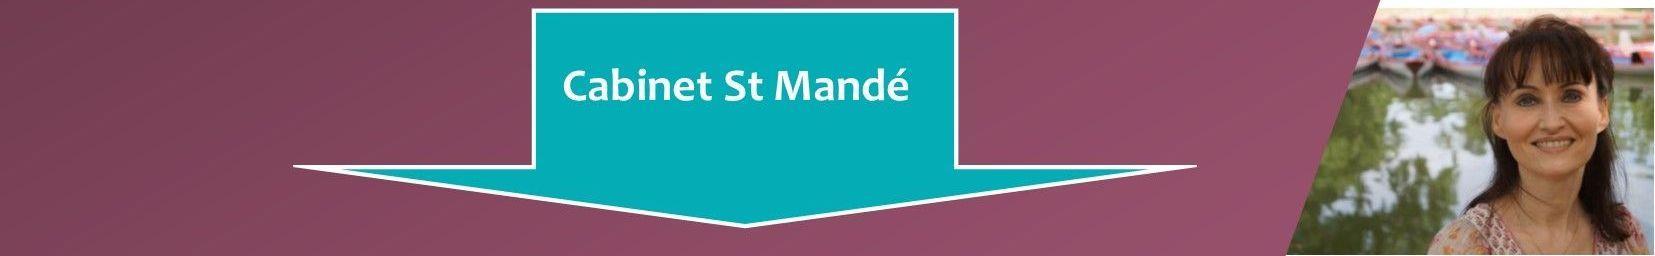 Prendre RDV avec psychanalyste, psychanalyse, cabinet de psychanalyse St Mandé Vincennes